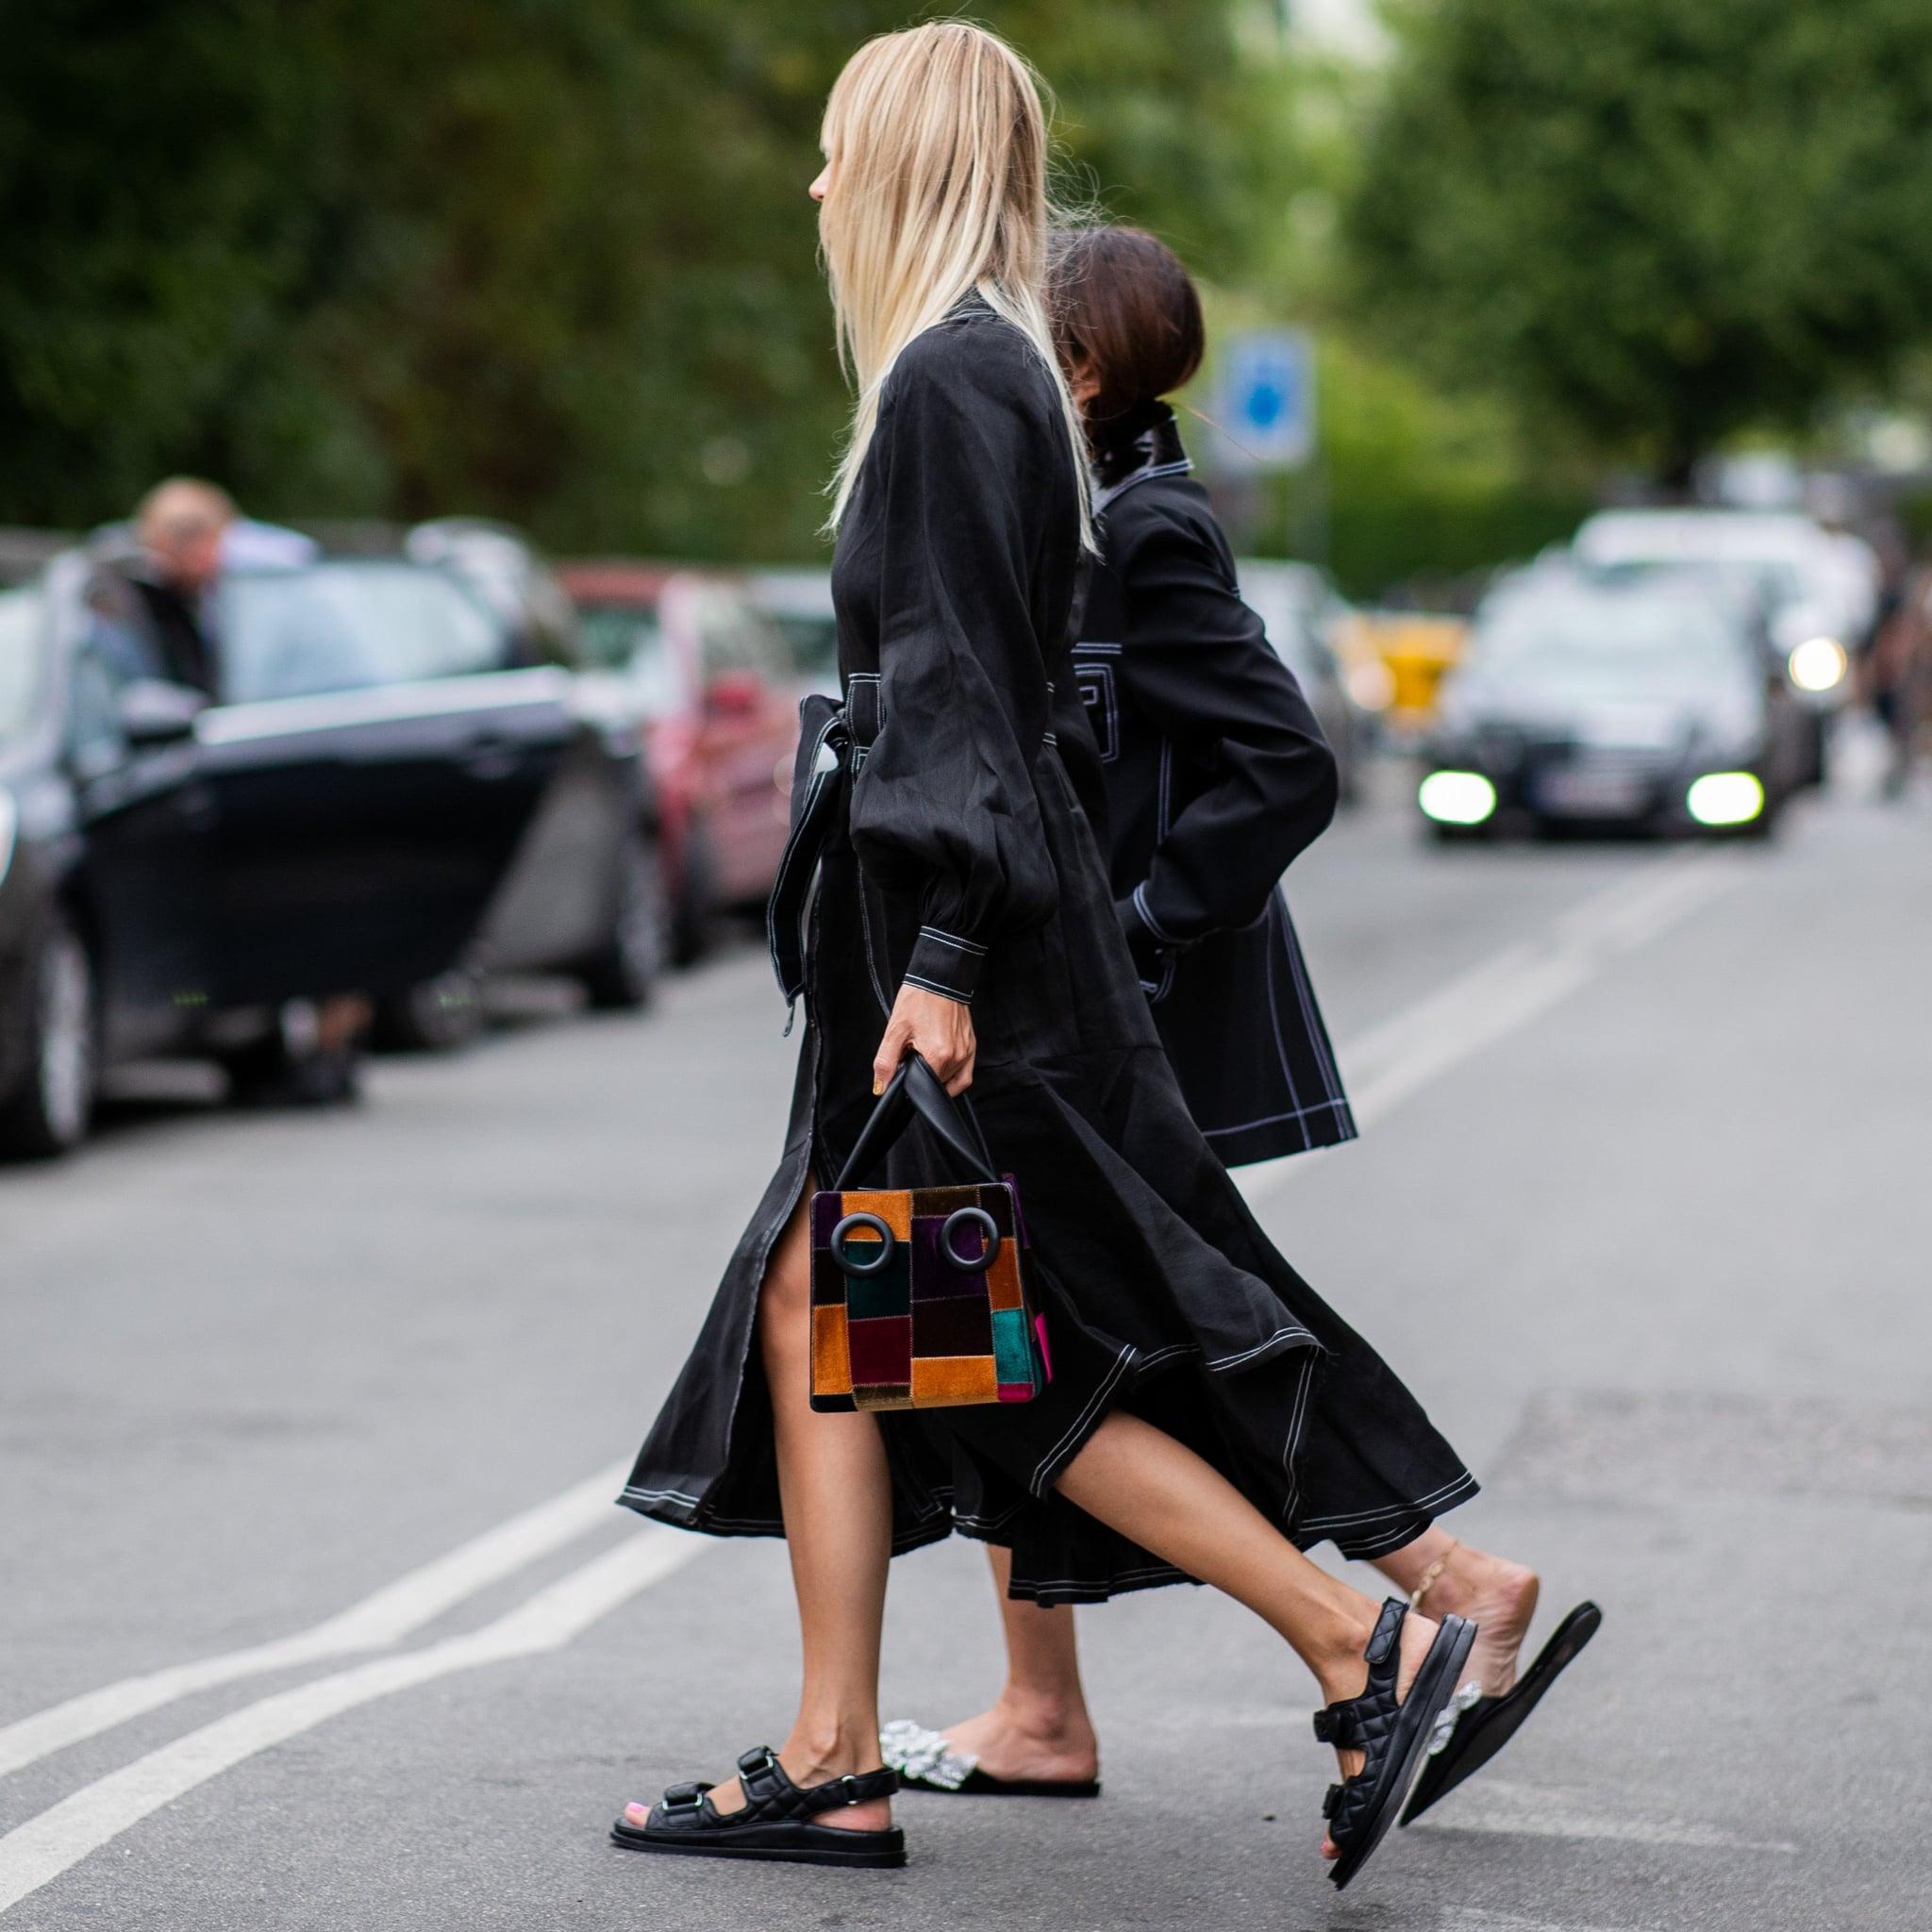 97f3d1f9de New Zara Clothes and Accessories Australia | POPSUGAR Fashion Australia